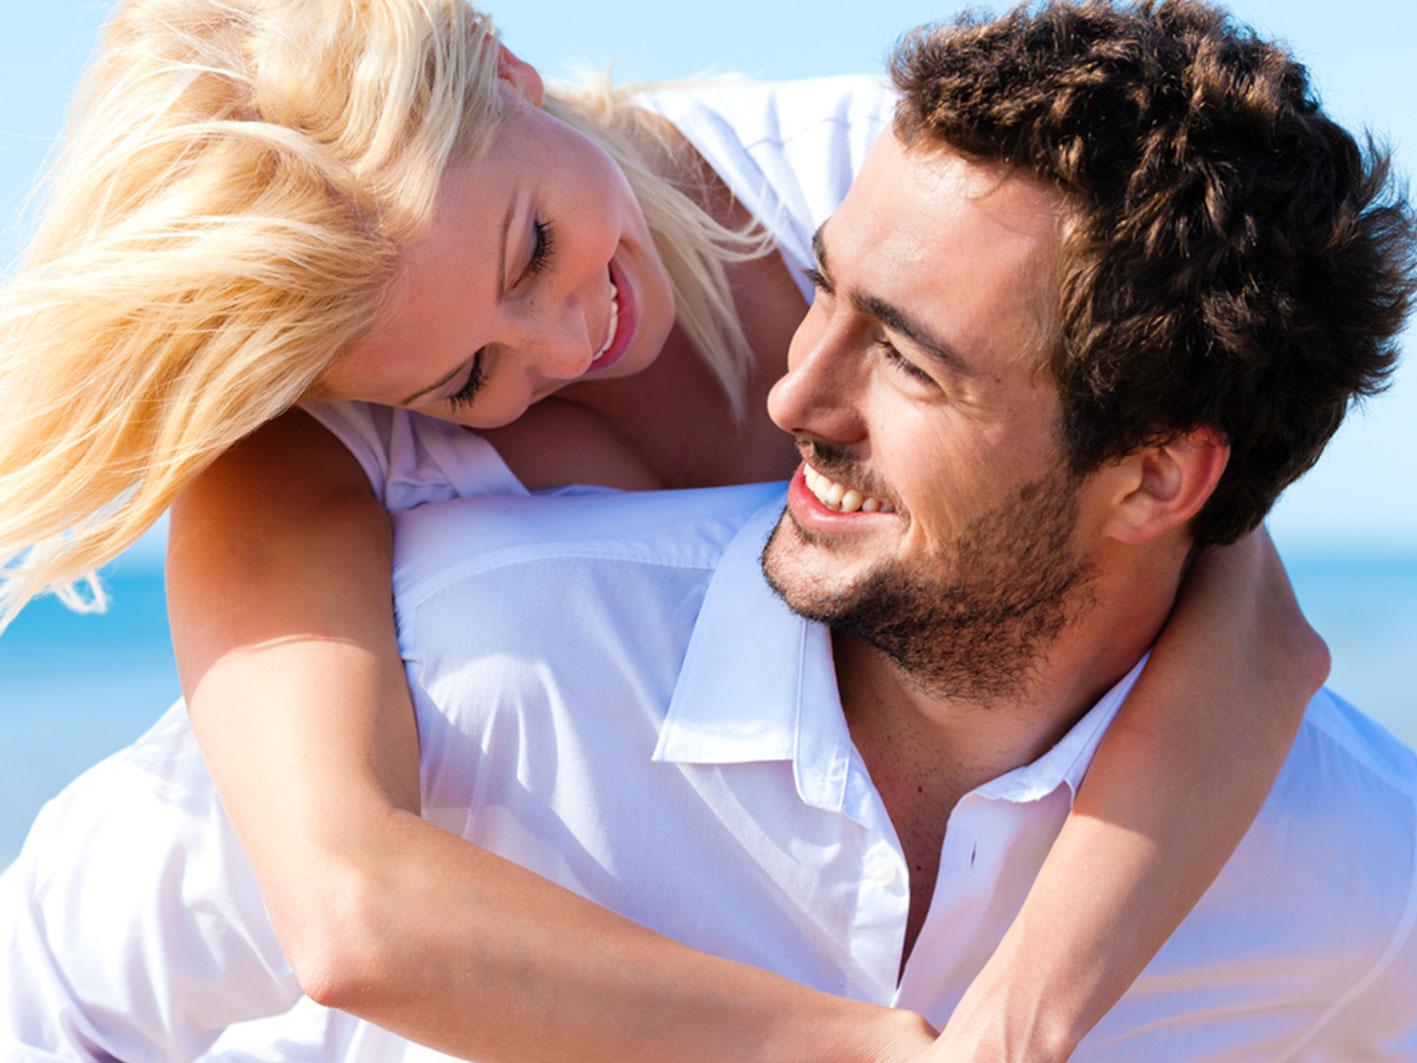 אימון לזוגיות טובה ובריאה | שולי זלצמן ביטון | מאמנת אישית בירושלים